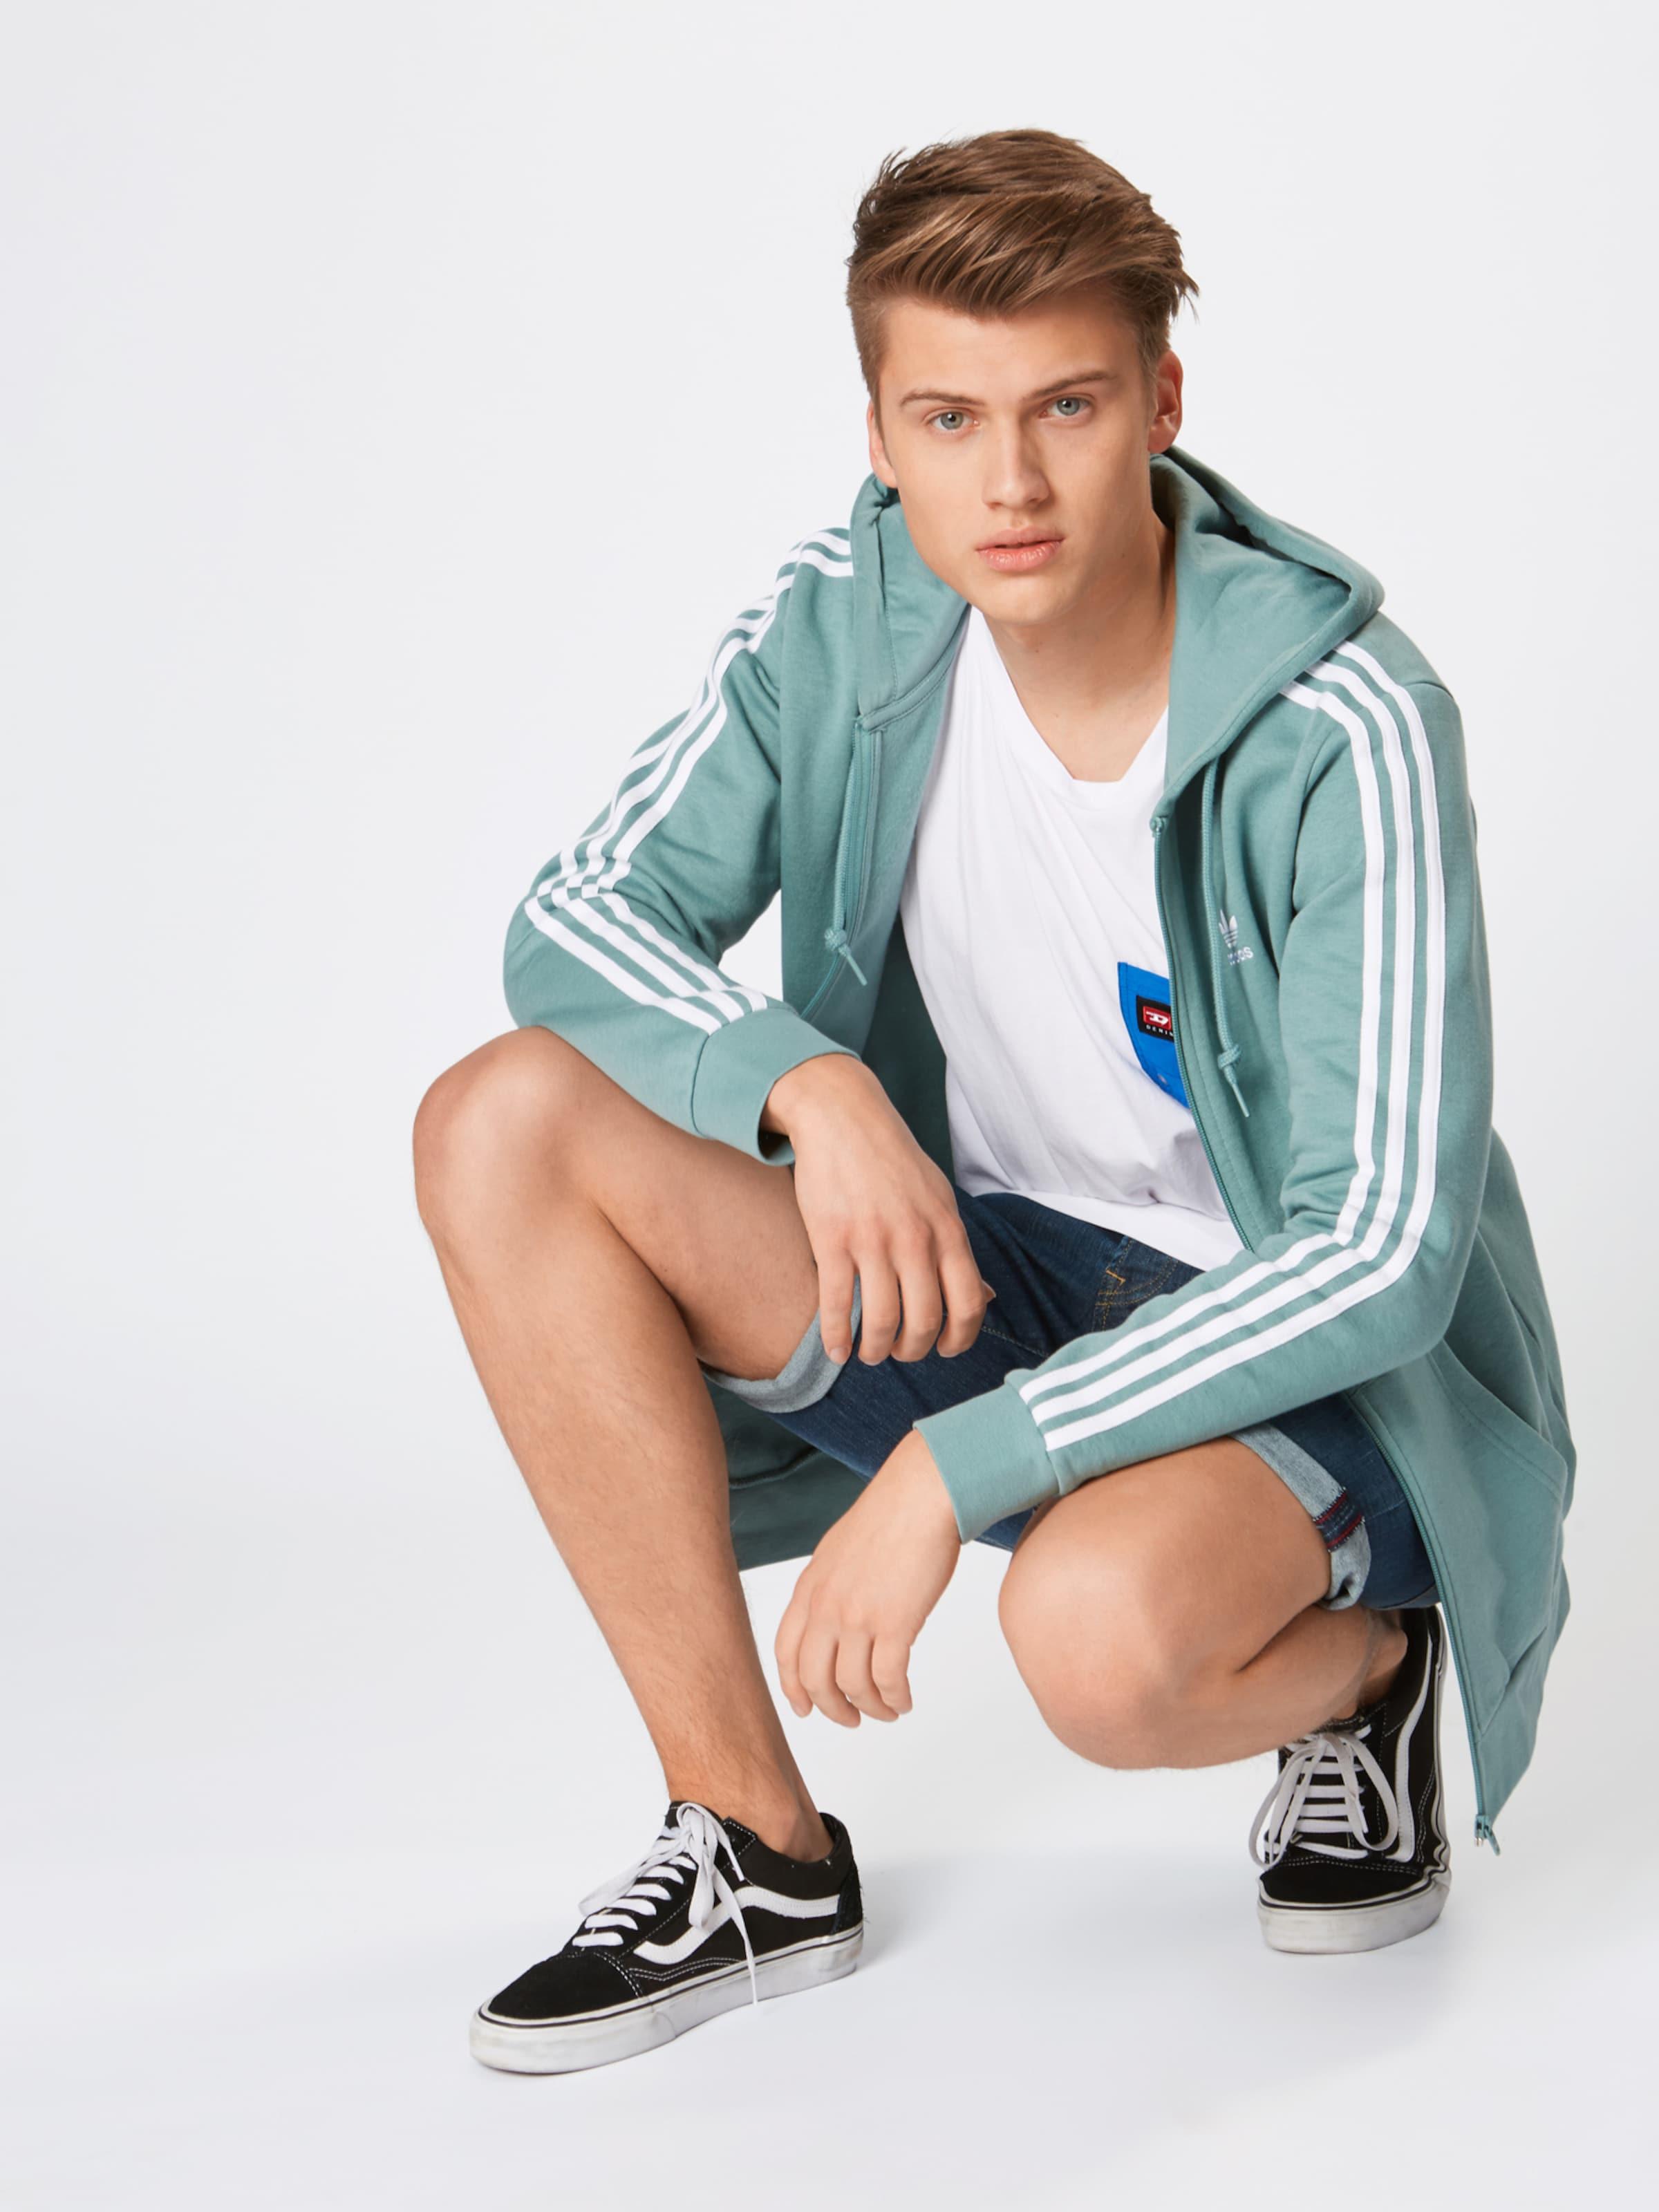 Adidas '3 Sweatjacke Fz' MintWeiß Originals stripes In L4A5Rj